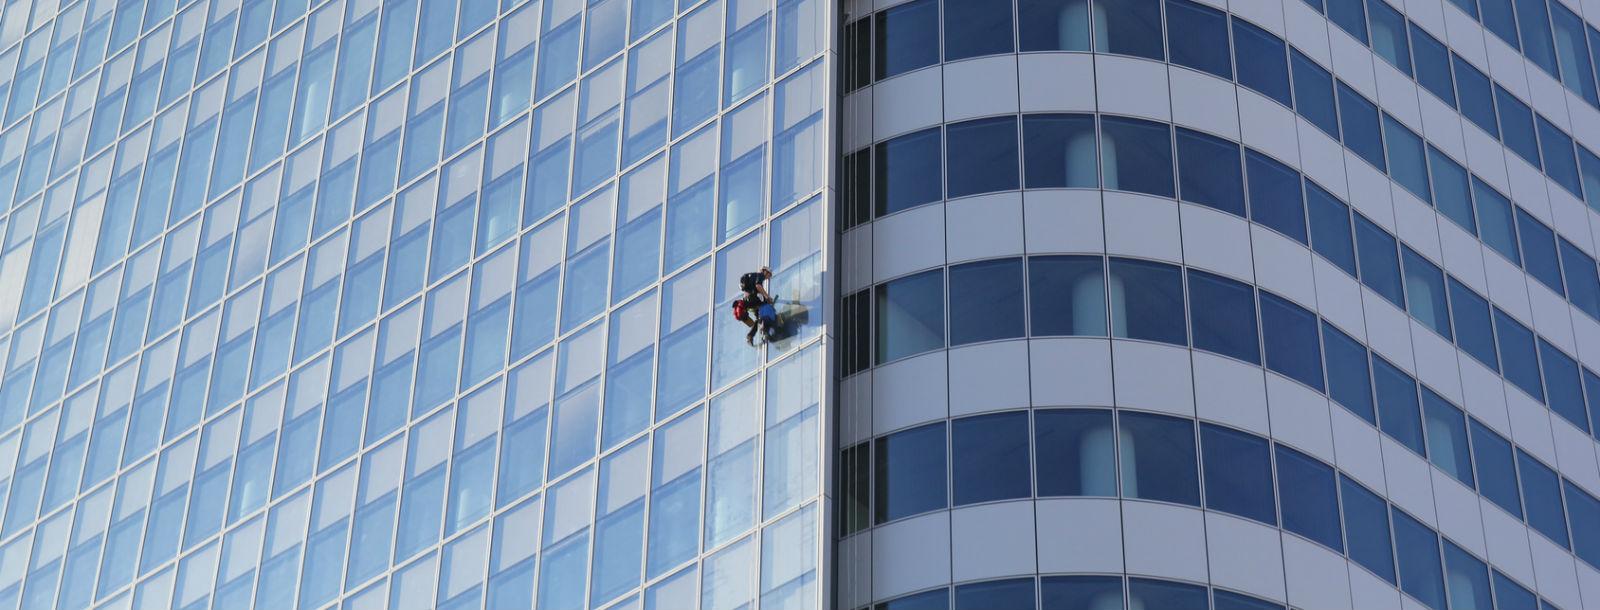 homme encordé sur une façade haute